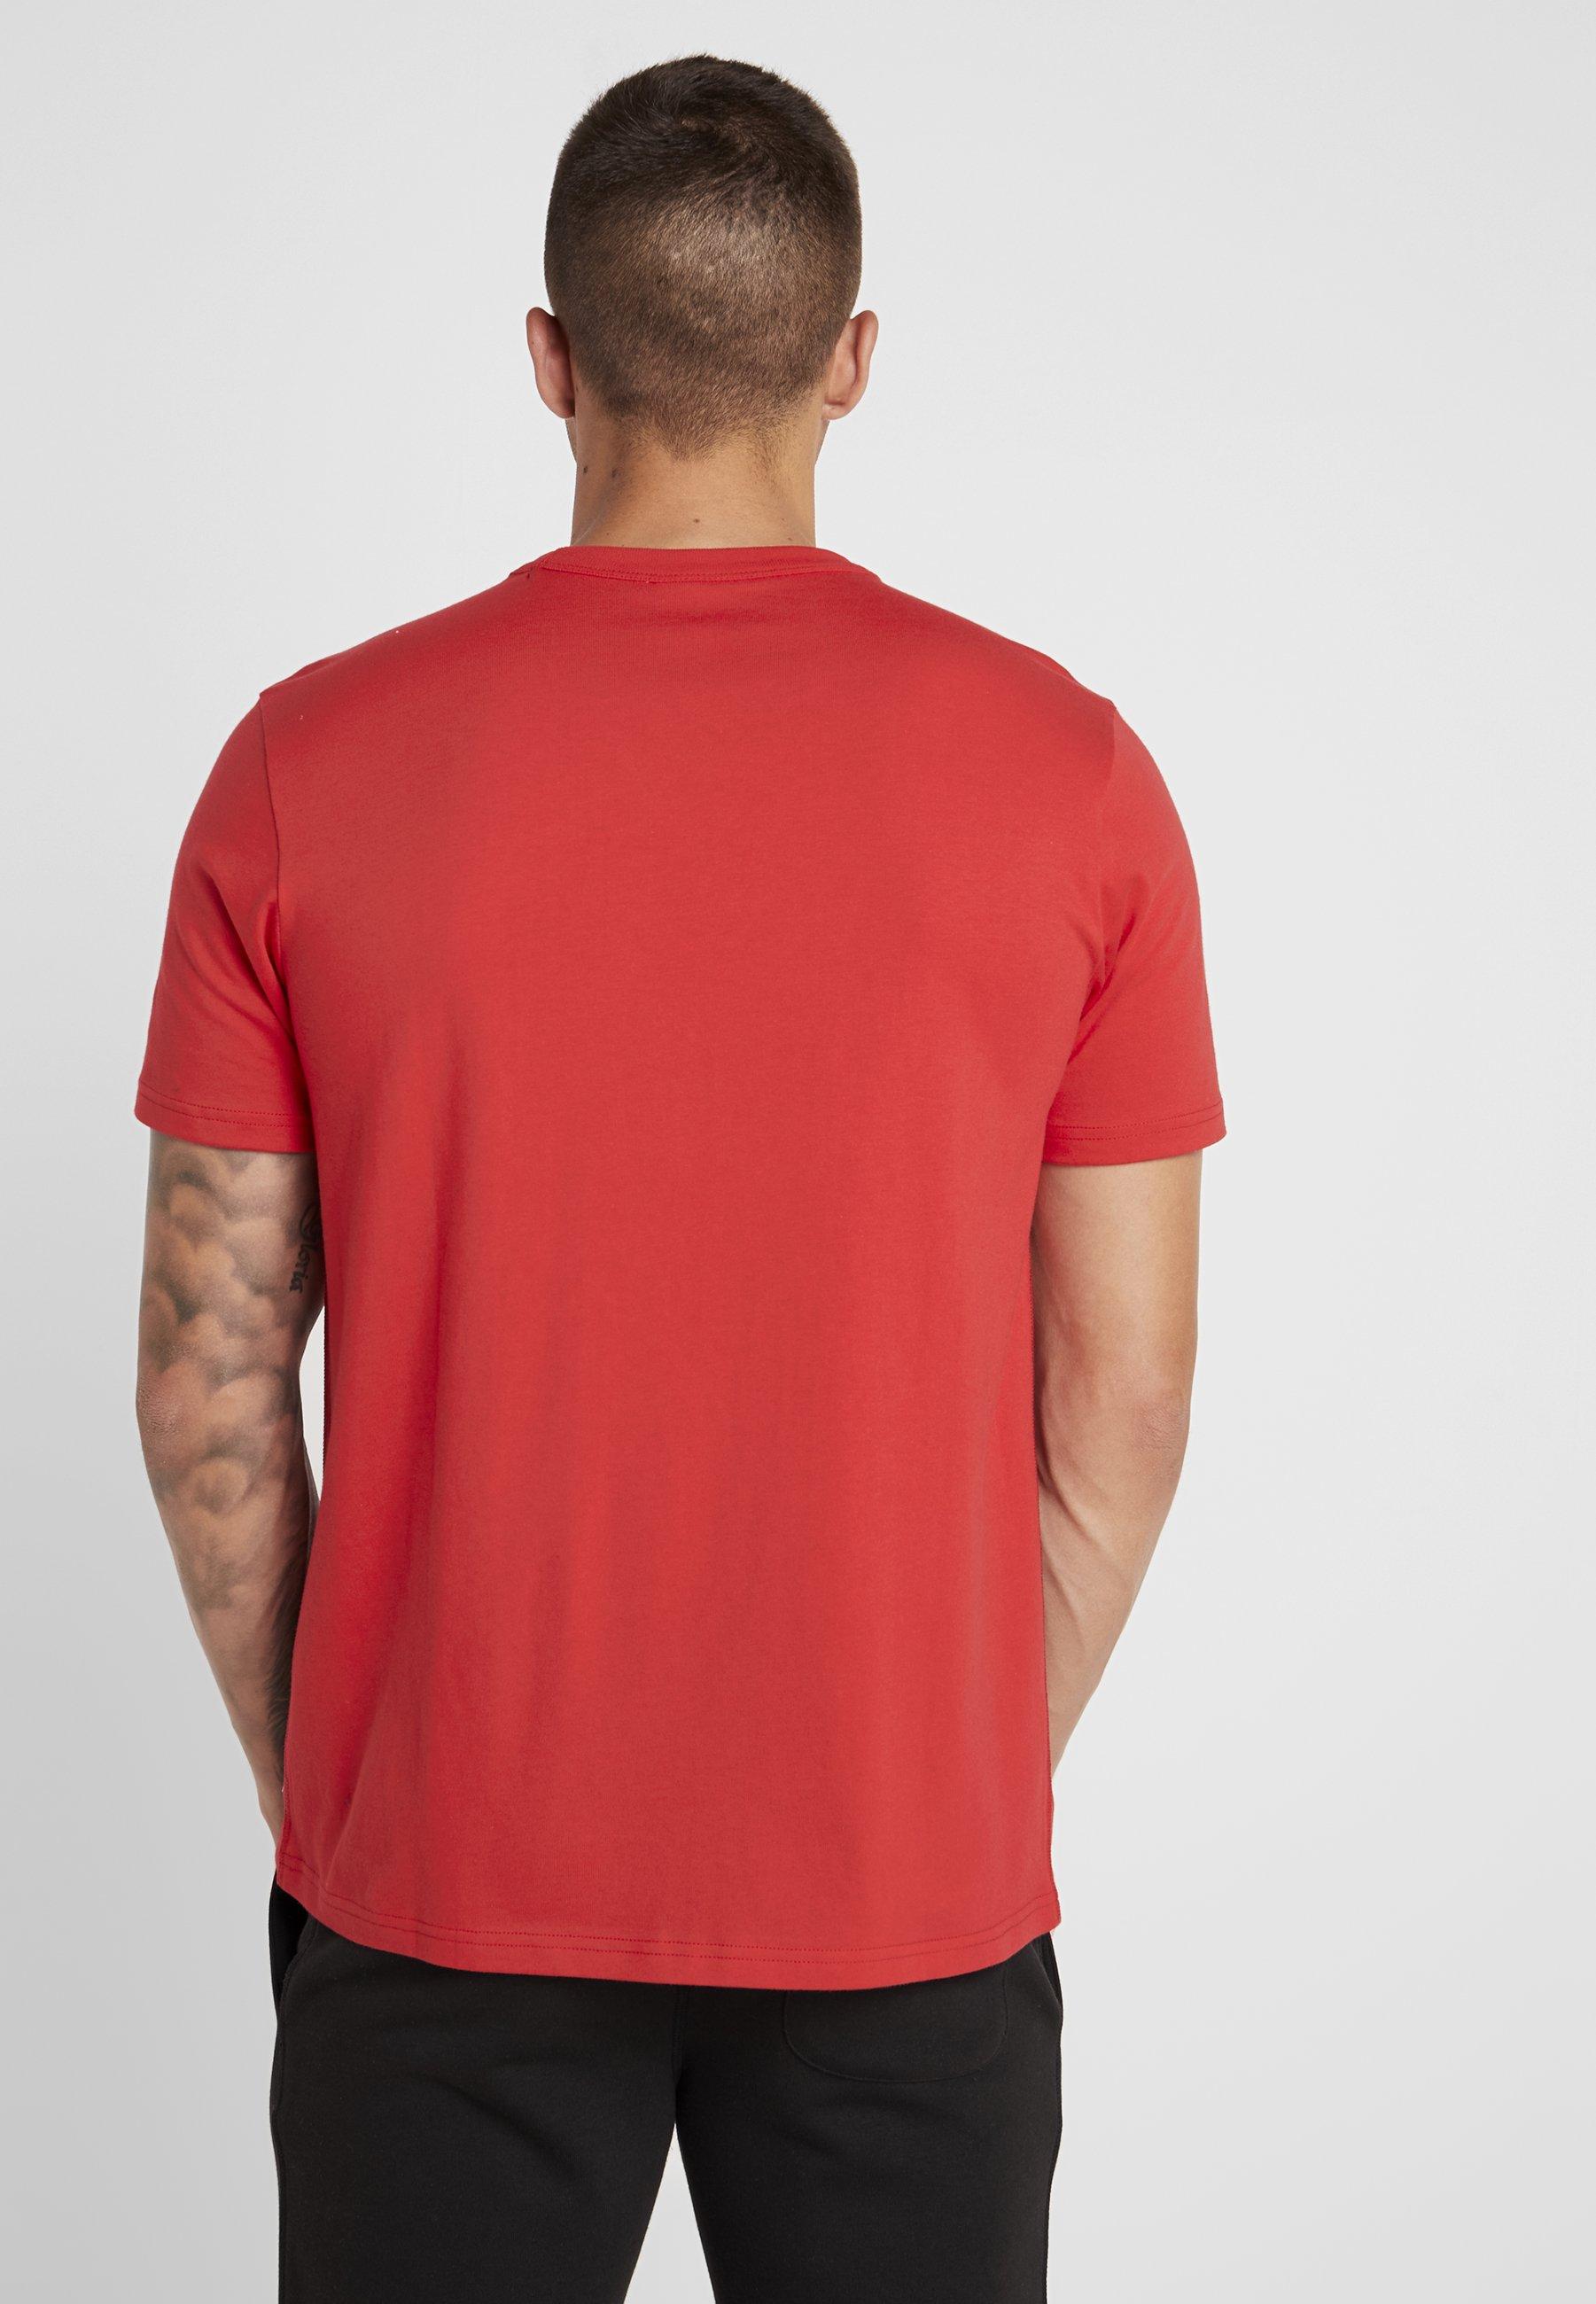 Champion 100th shirt Imprimé Red Dark Tee AnniversaryT OZNnwkX80P